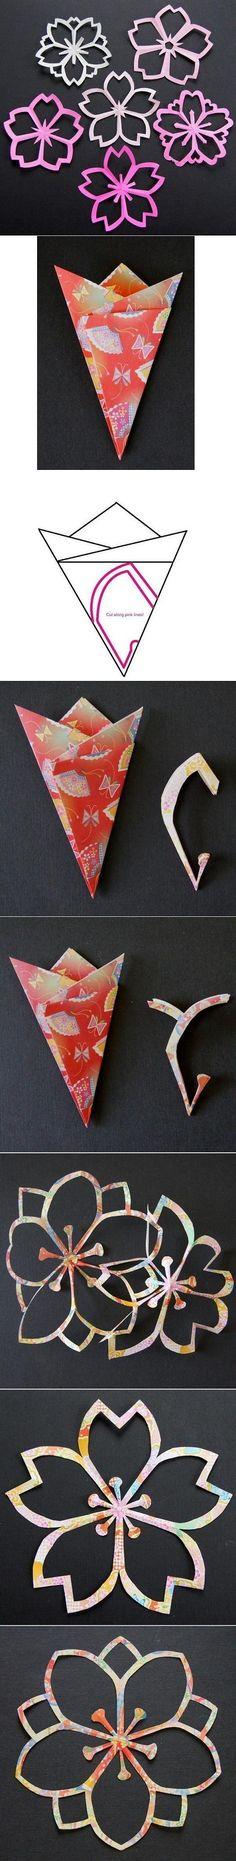 Copos de nieve o #flor en #origami